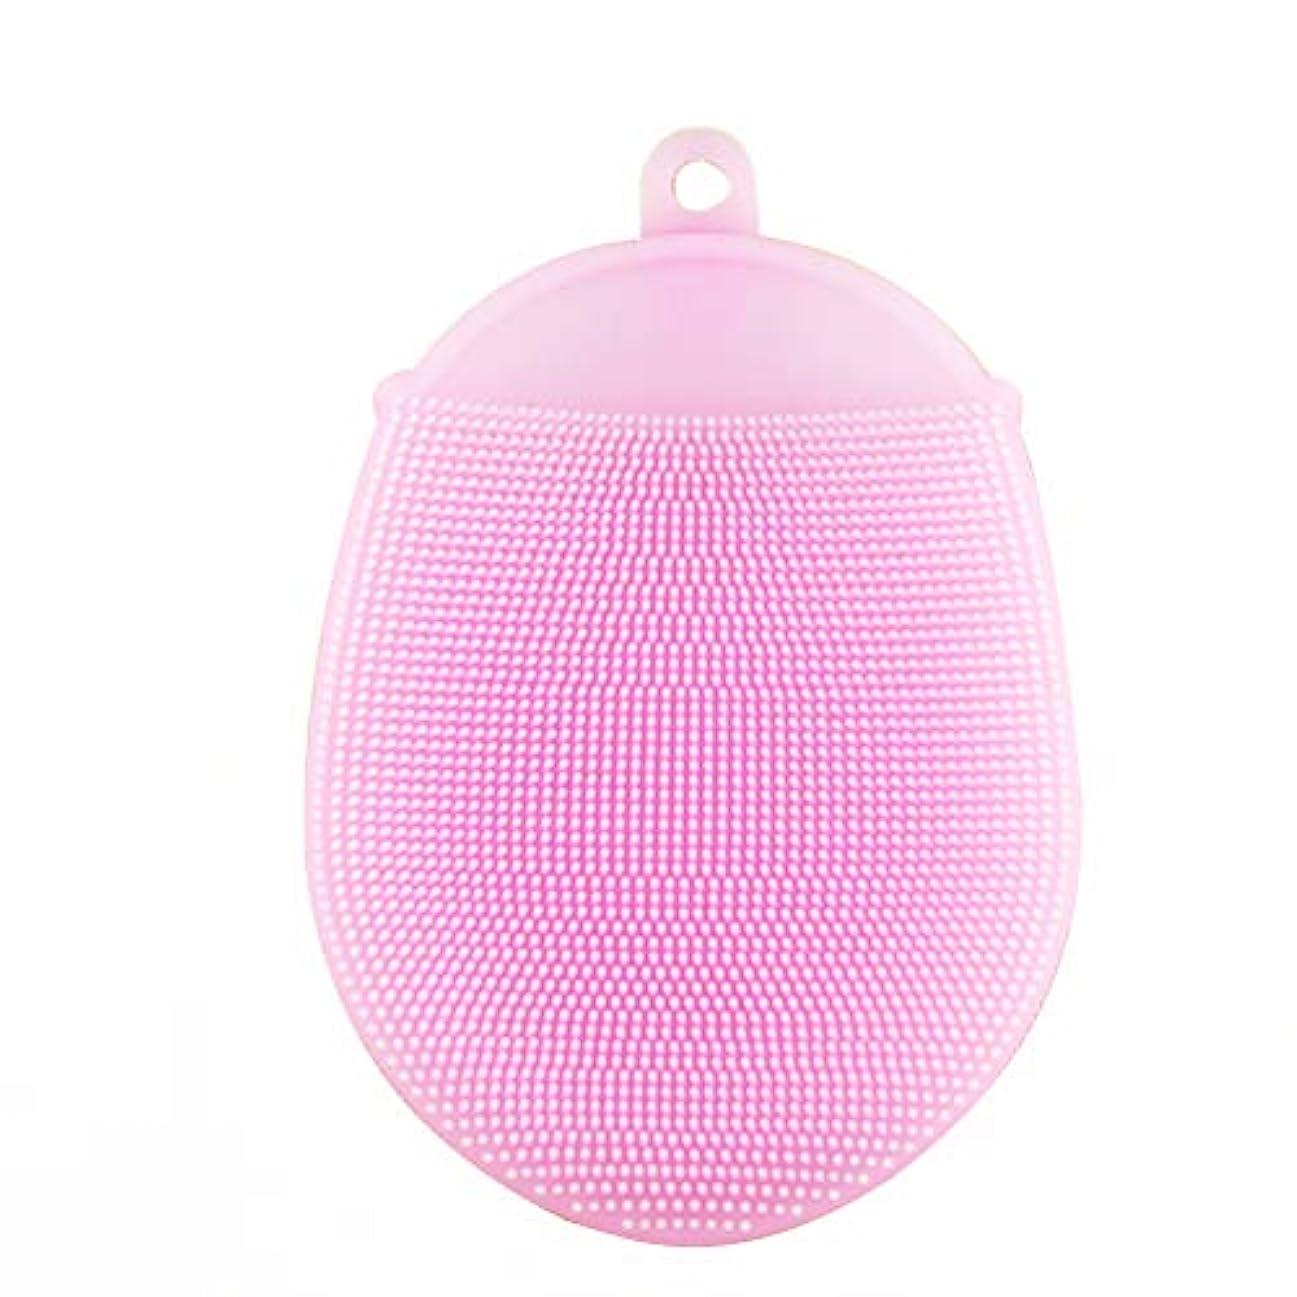 虫絶え間ないストレスHealifty シリコン 入浴ブラシ 抗菌 シャワースクラバー 洗顔パッド 2本入 (ピンク)